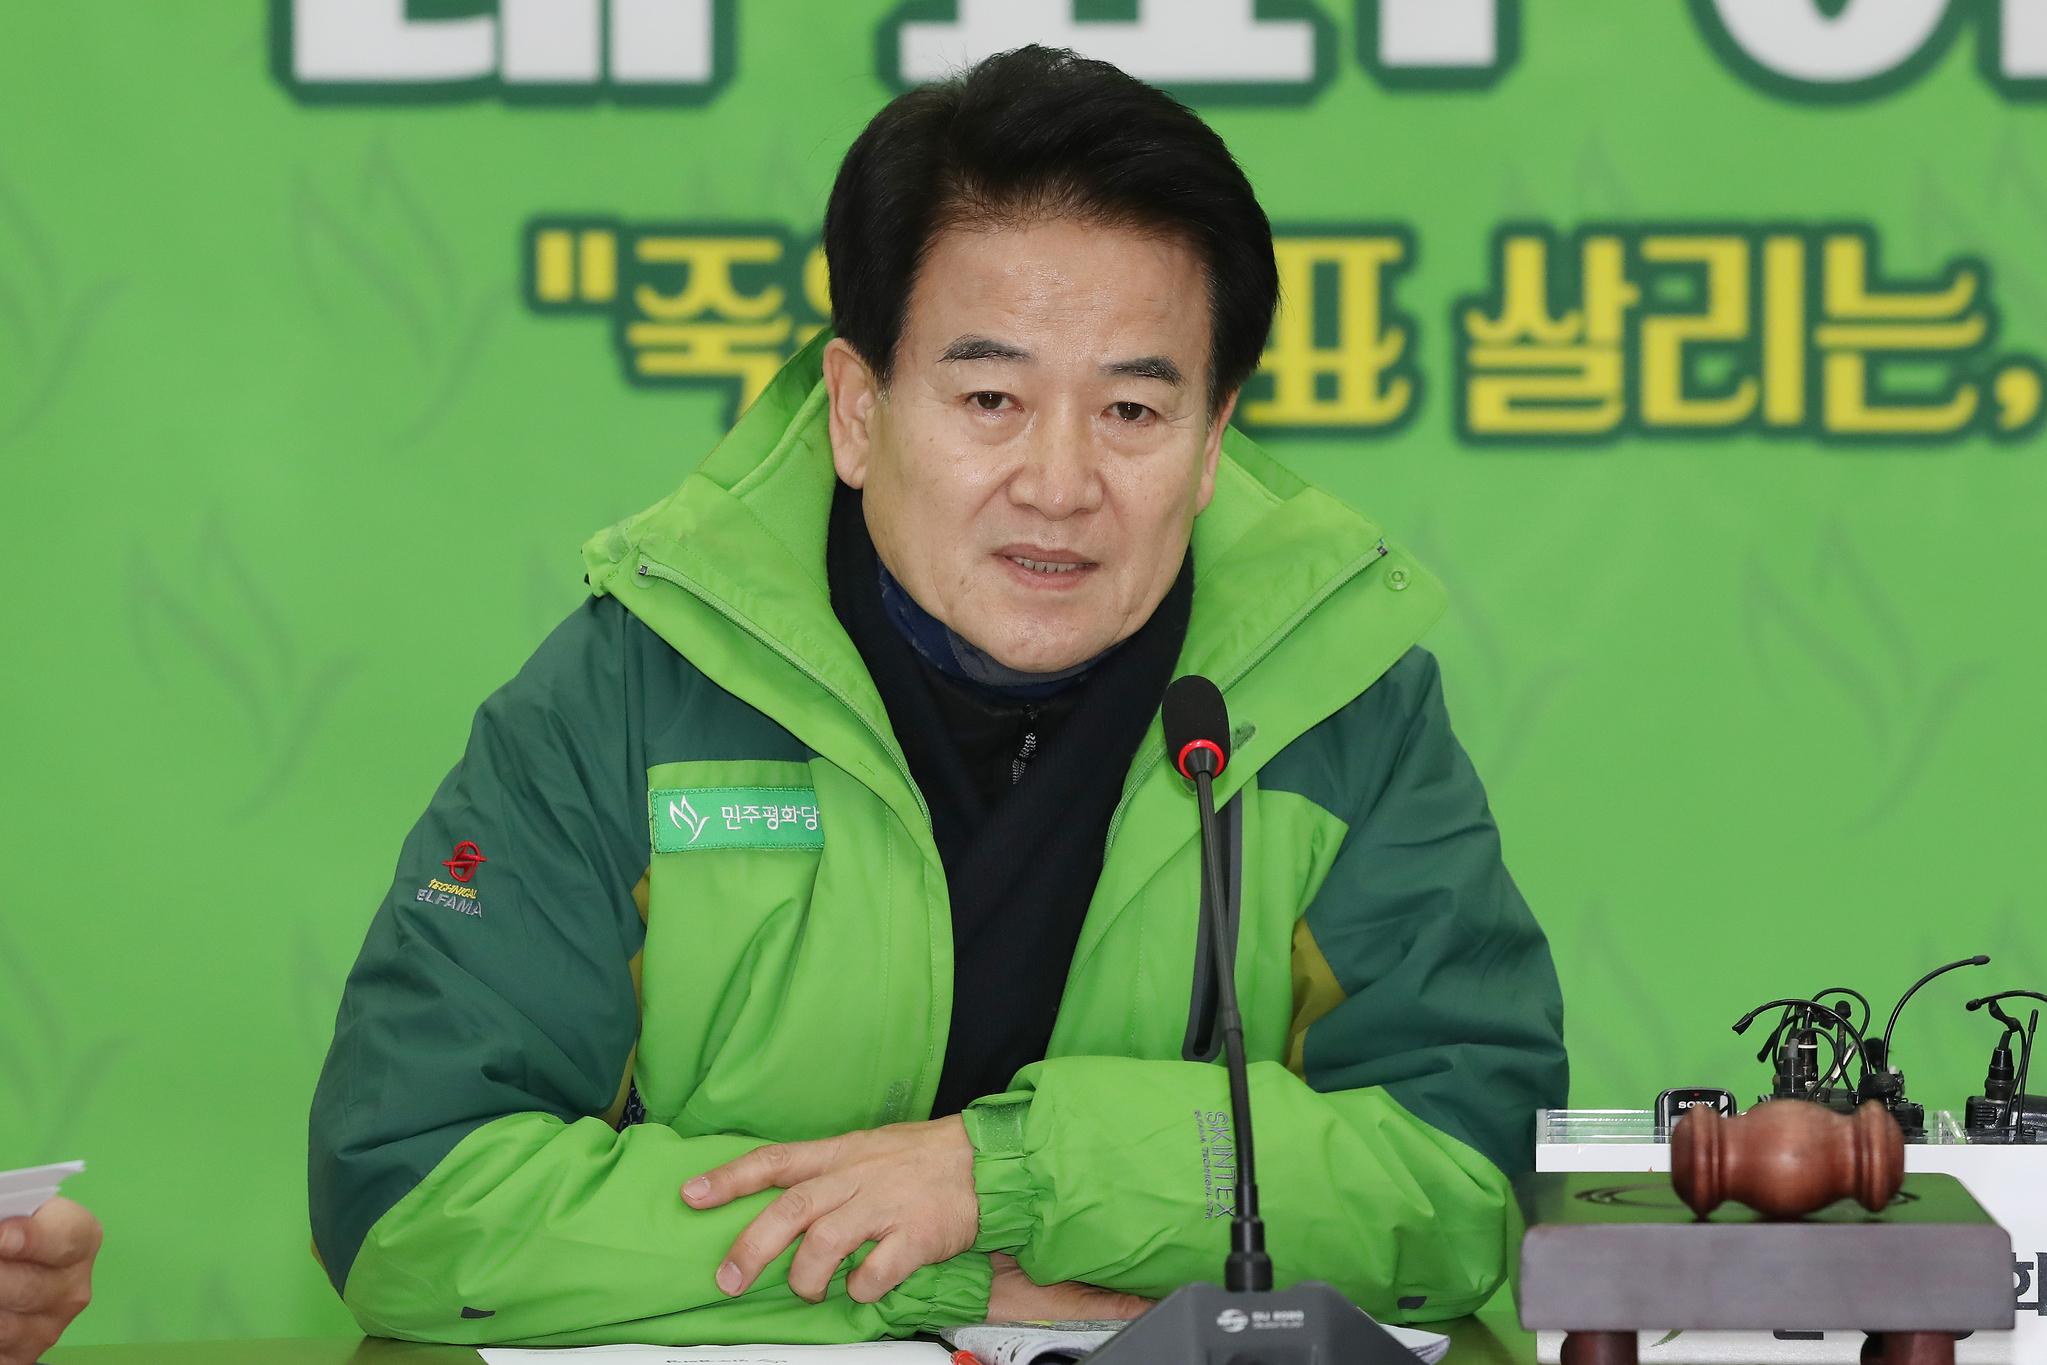 정동영 민주평화당 대표가 13일 오전 서울 여의도 국회에서 열린 의원총회에서 모두발언을 하고 있다. [뉴스1]